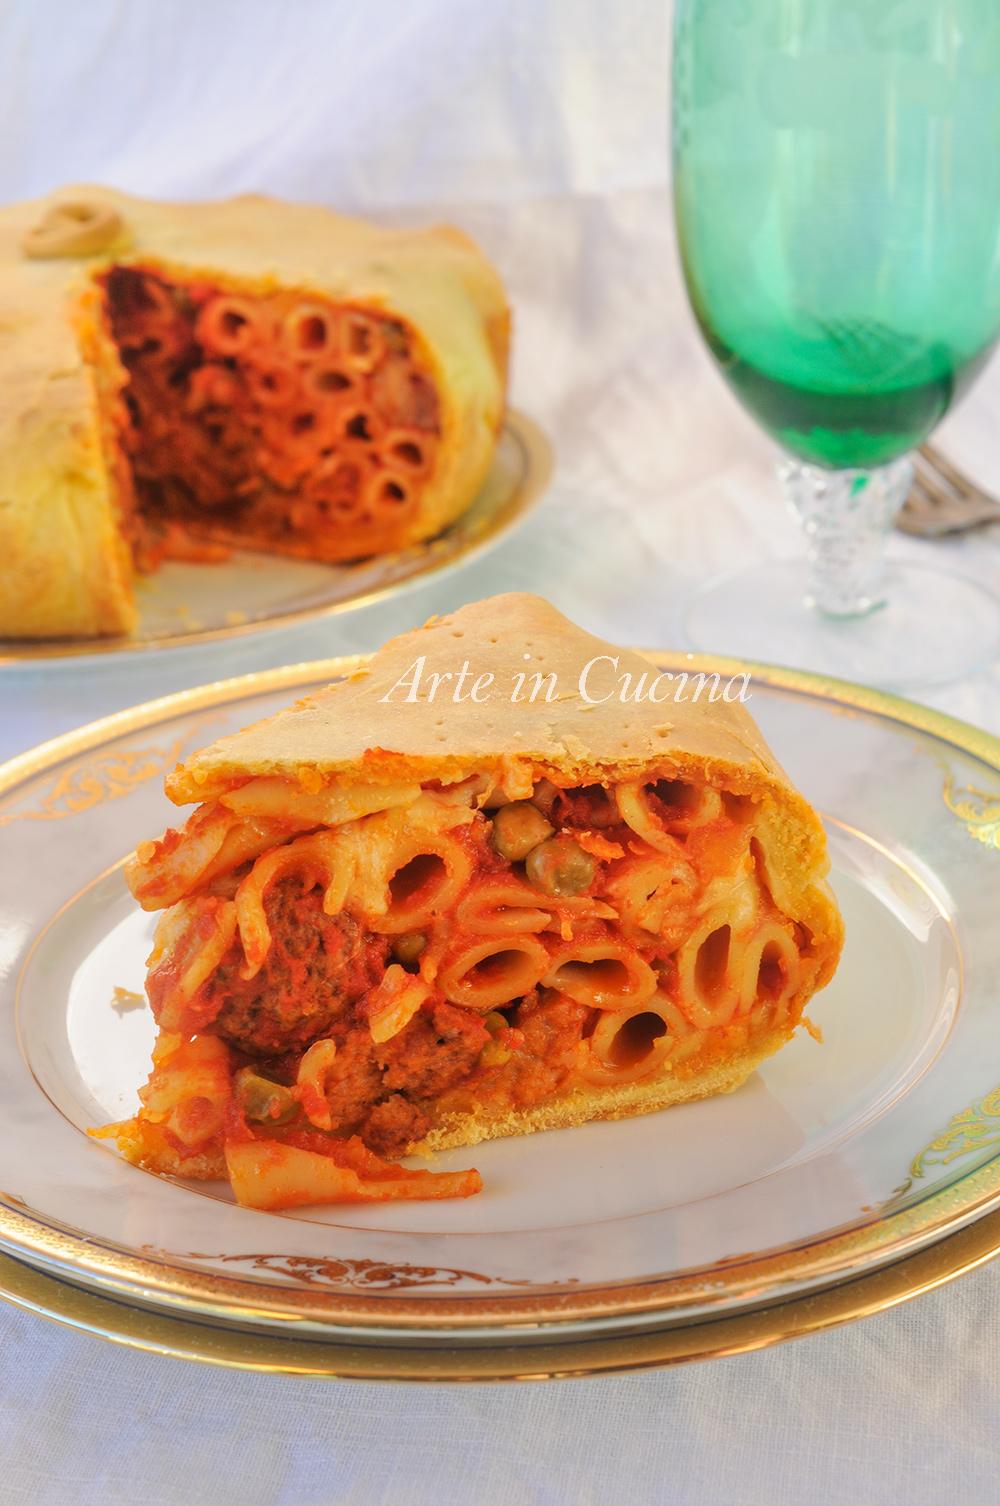 Timballo di maccheroni napoletano ricetta pasta al forno vickyart arte in cucina